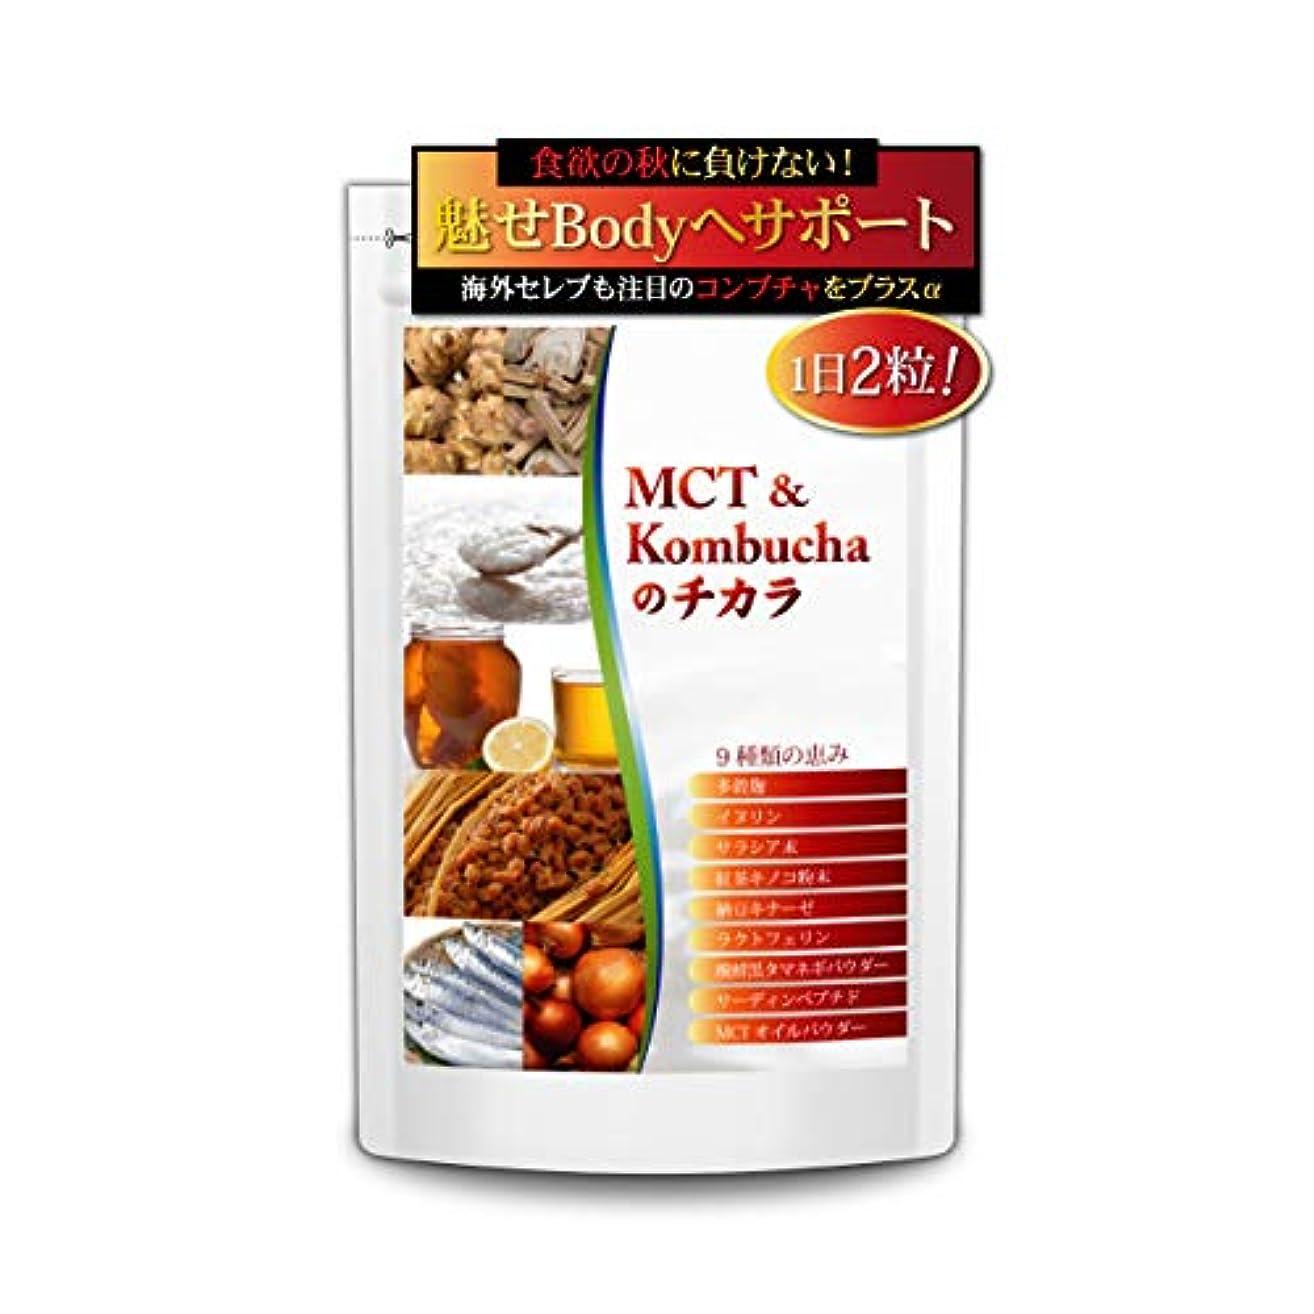 パテ深さコンプリートMCT&Kombuchaのチカラ コンブチャ 麹 MCTオイル ダイエット サプリメント 60粒?約30日分